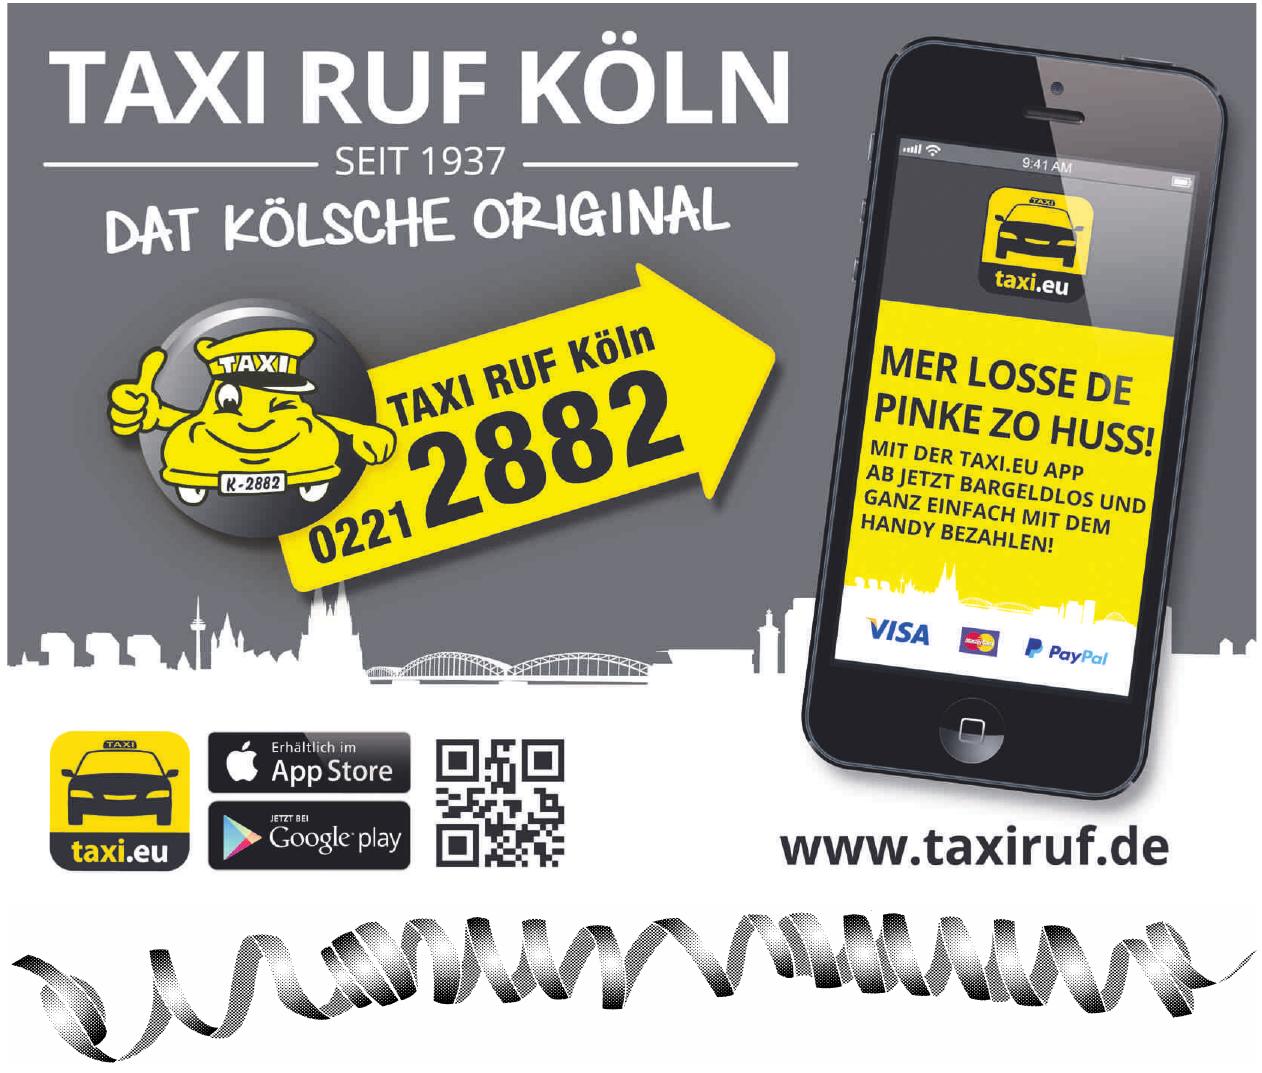 Taxi ruf Köln